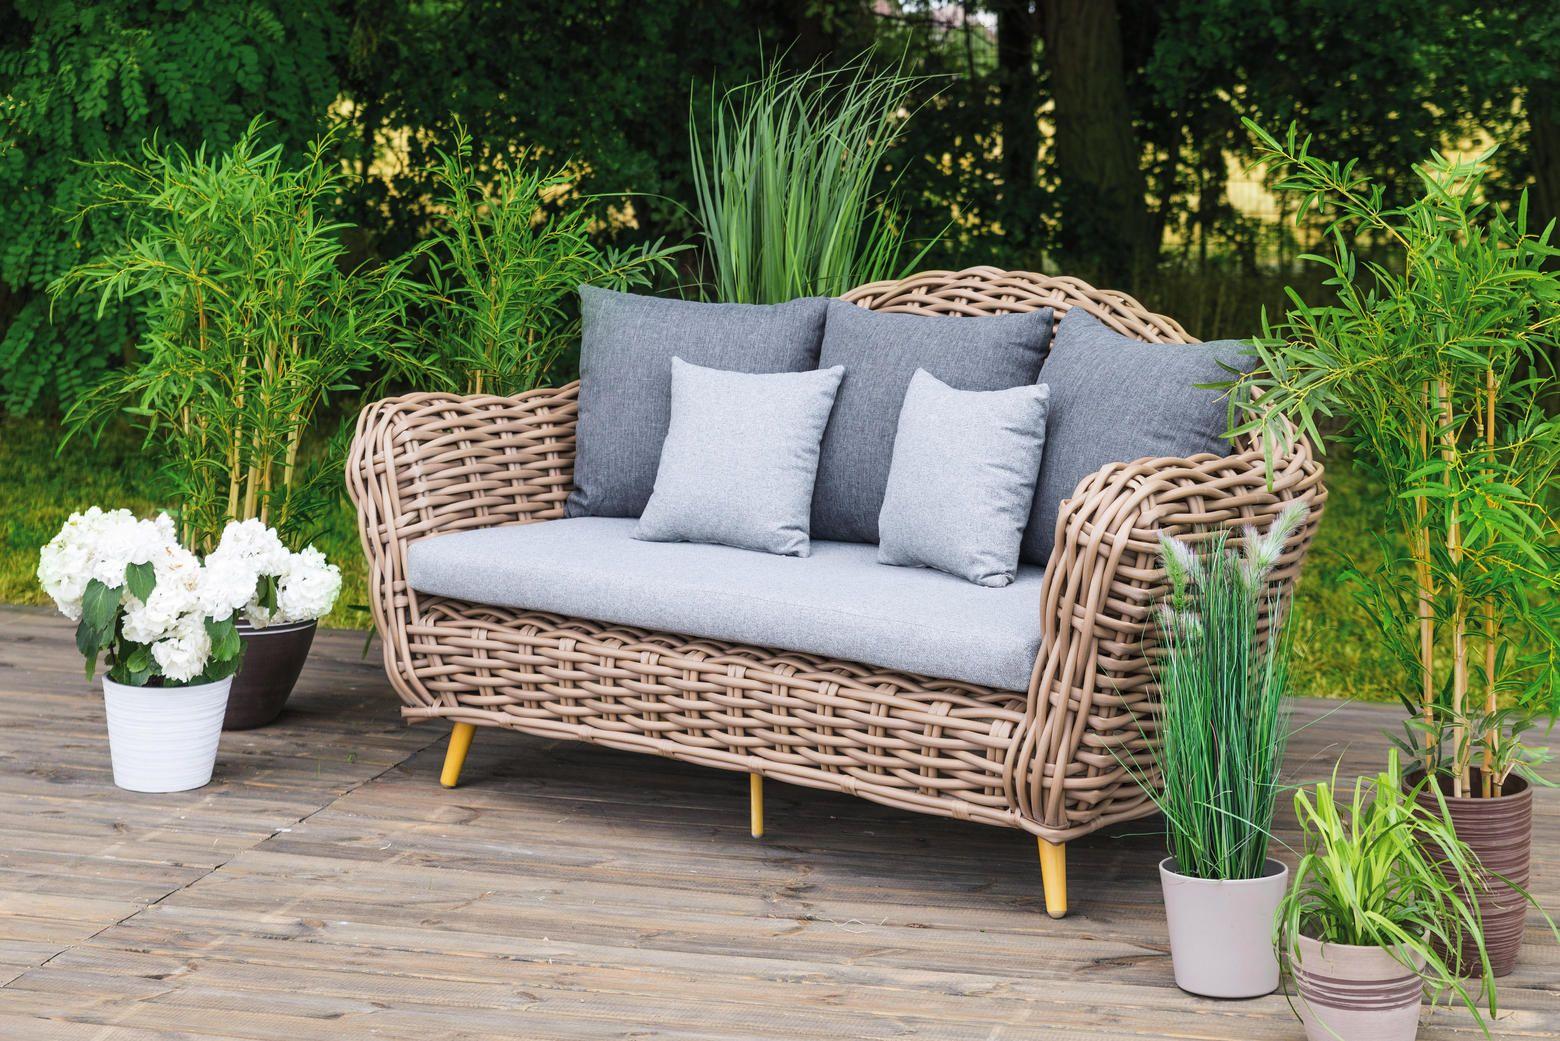 Garten Bank Aus Rattan Fur Gemutliche Stunden Outdoor Sofa Sofa Lounge